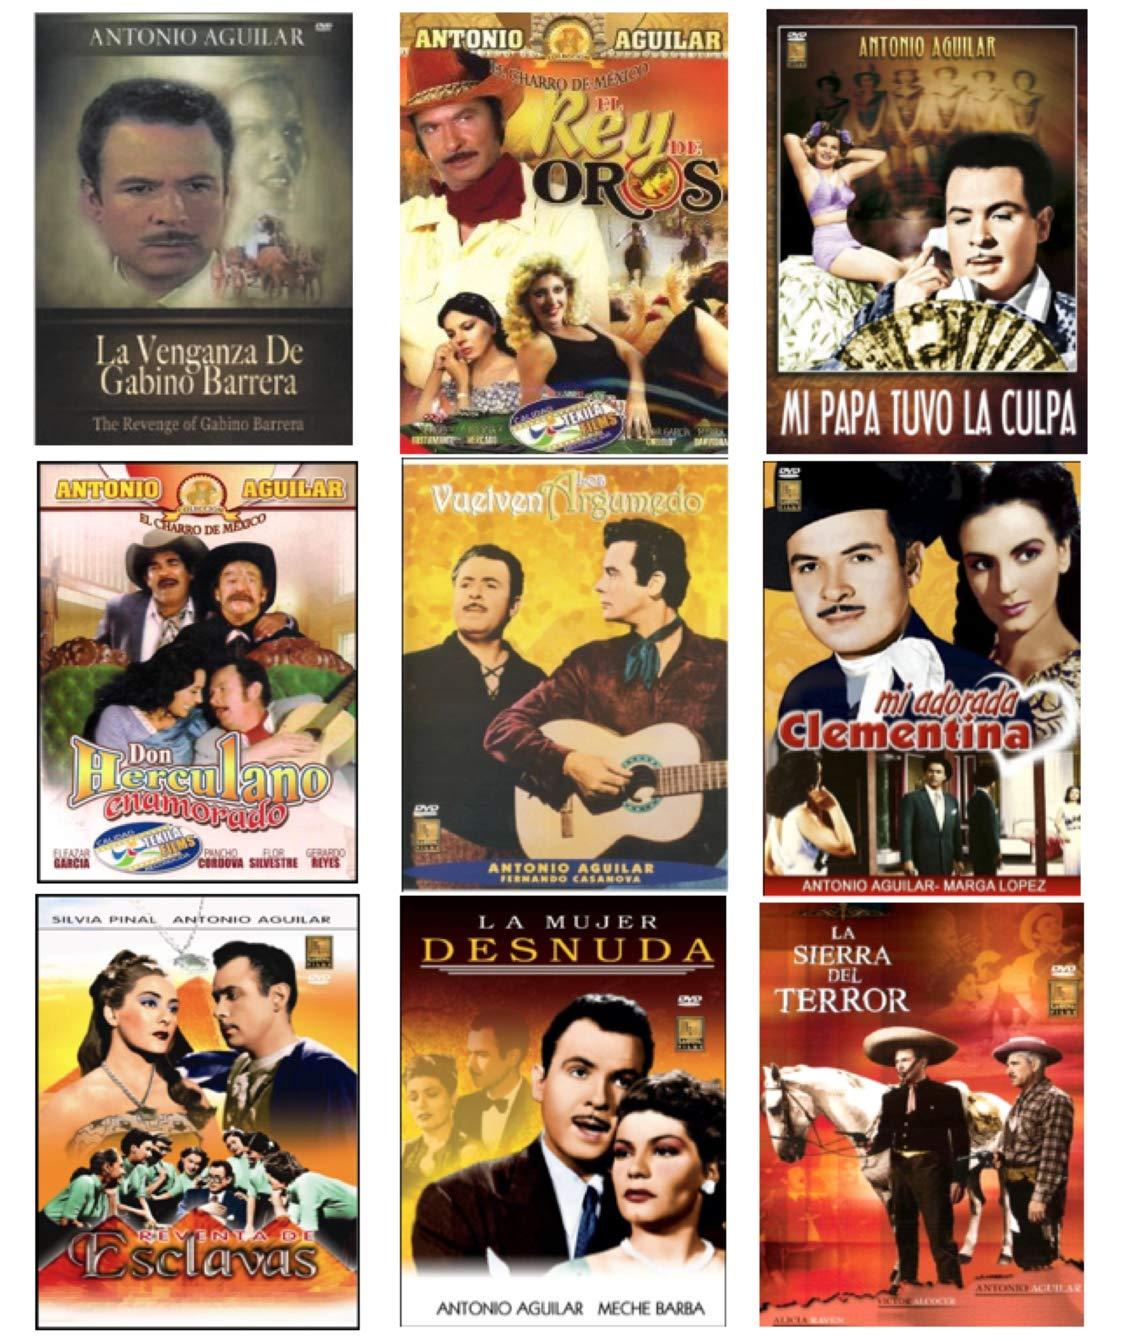 Amazon Com 9 Different Antonio Aguilar Dvd S Antonio Aguilar Movies Tv